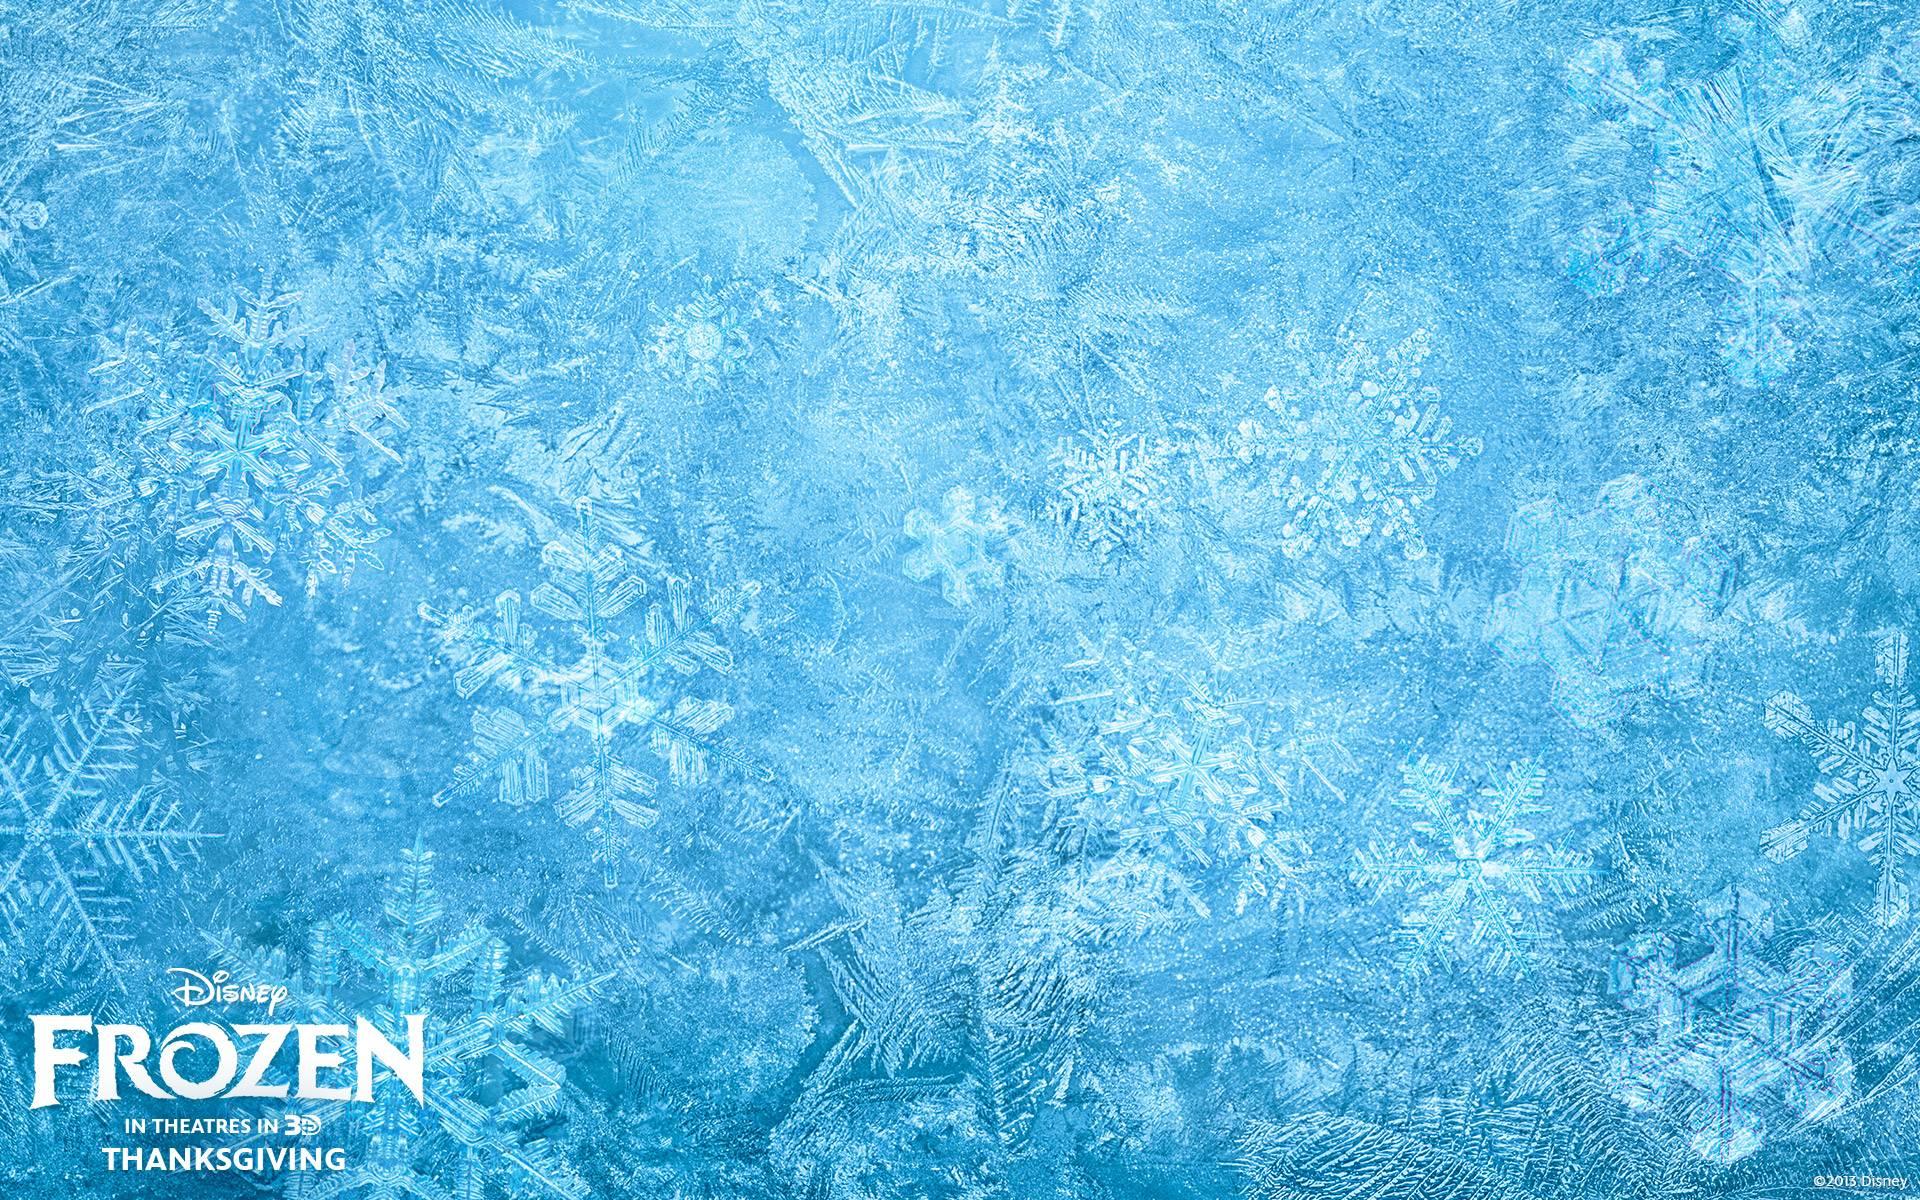 frozen computer wallpapers desktop - photo #37